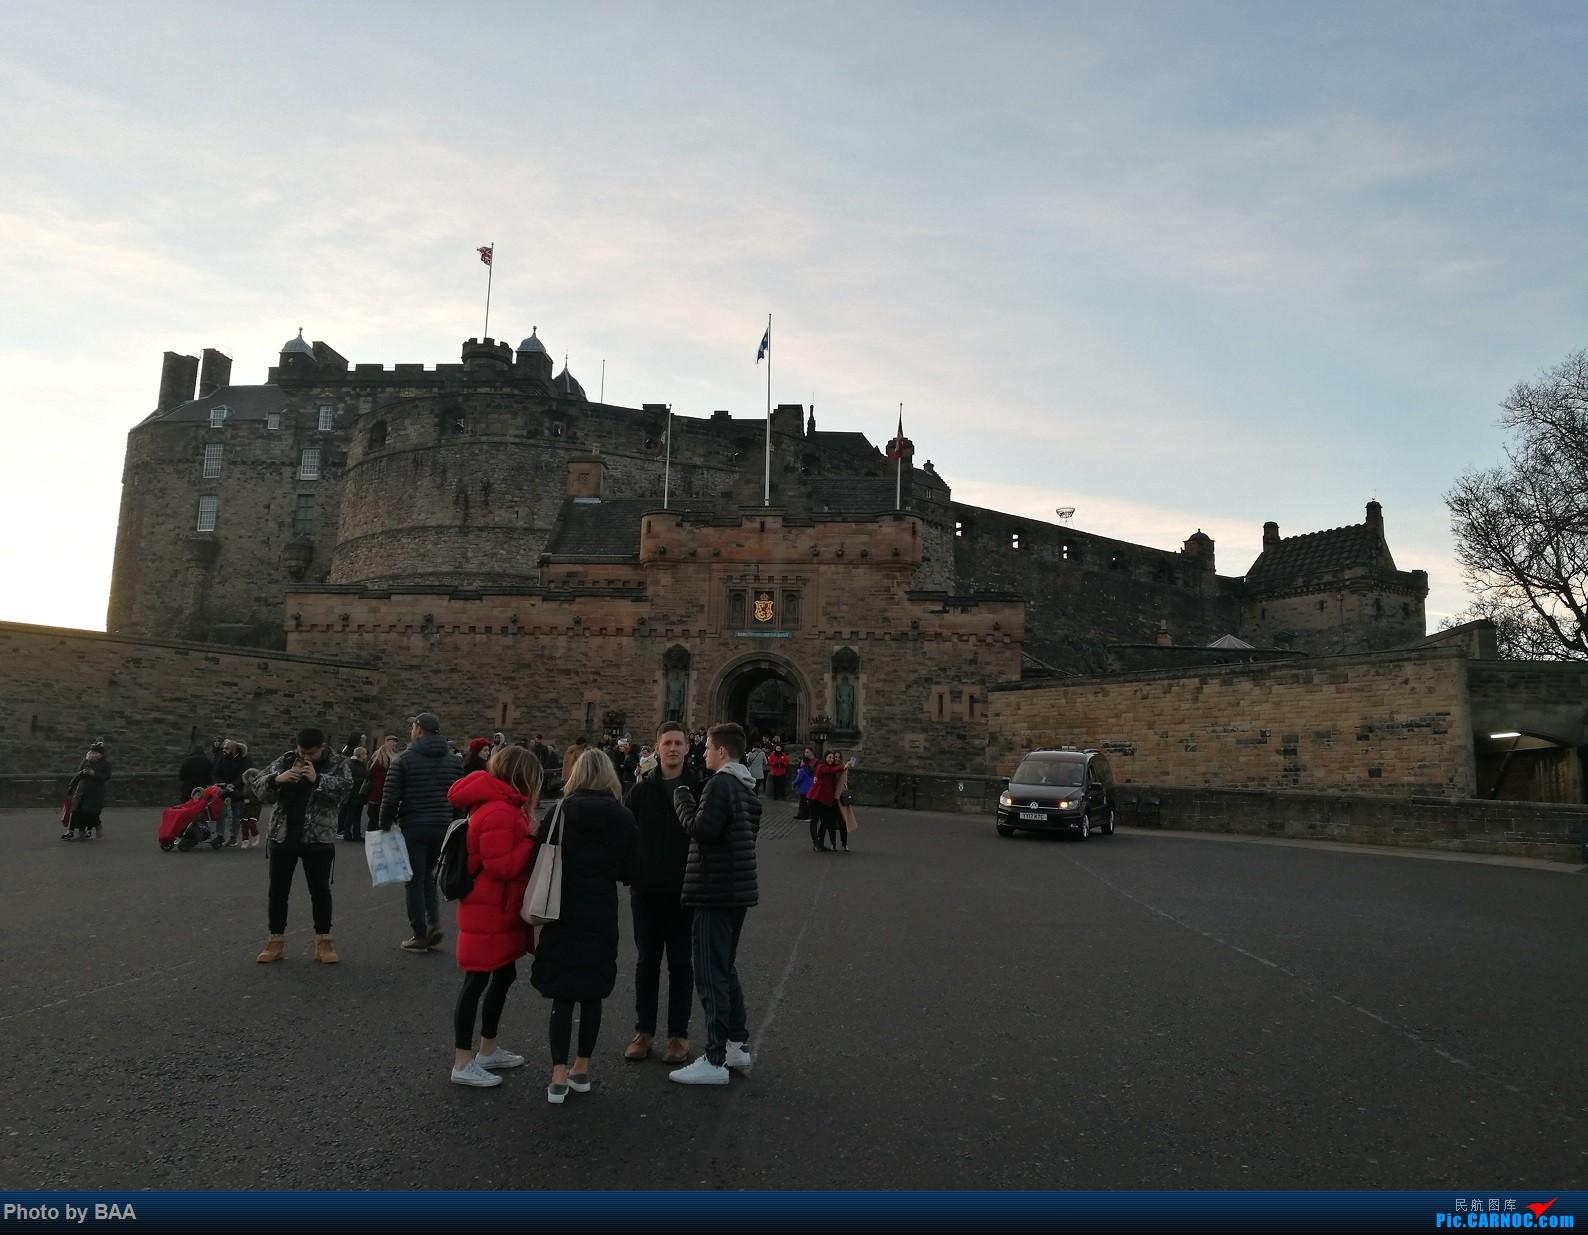 [原创]《带你去旅行》之爱丁堡之旅